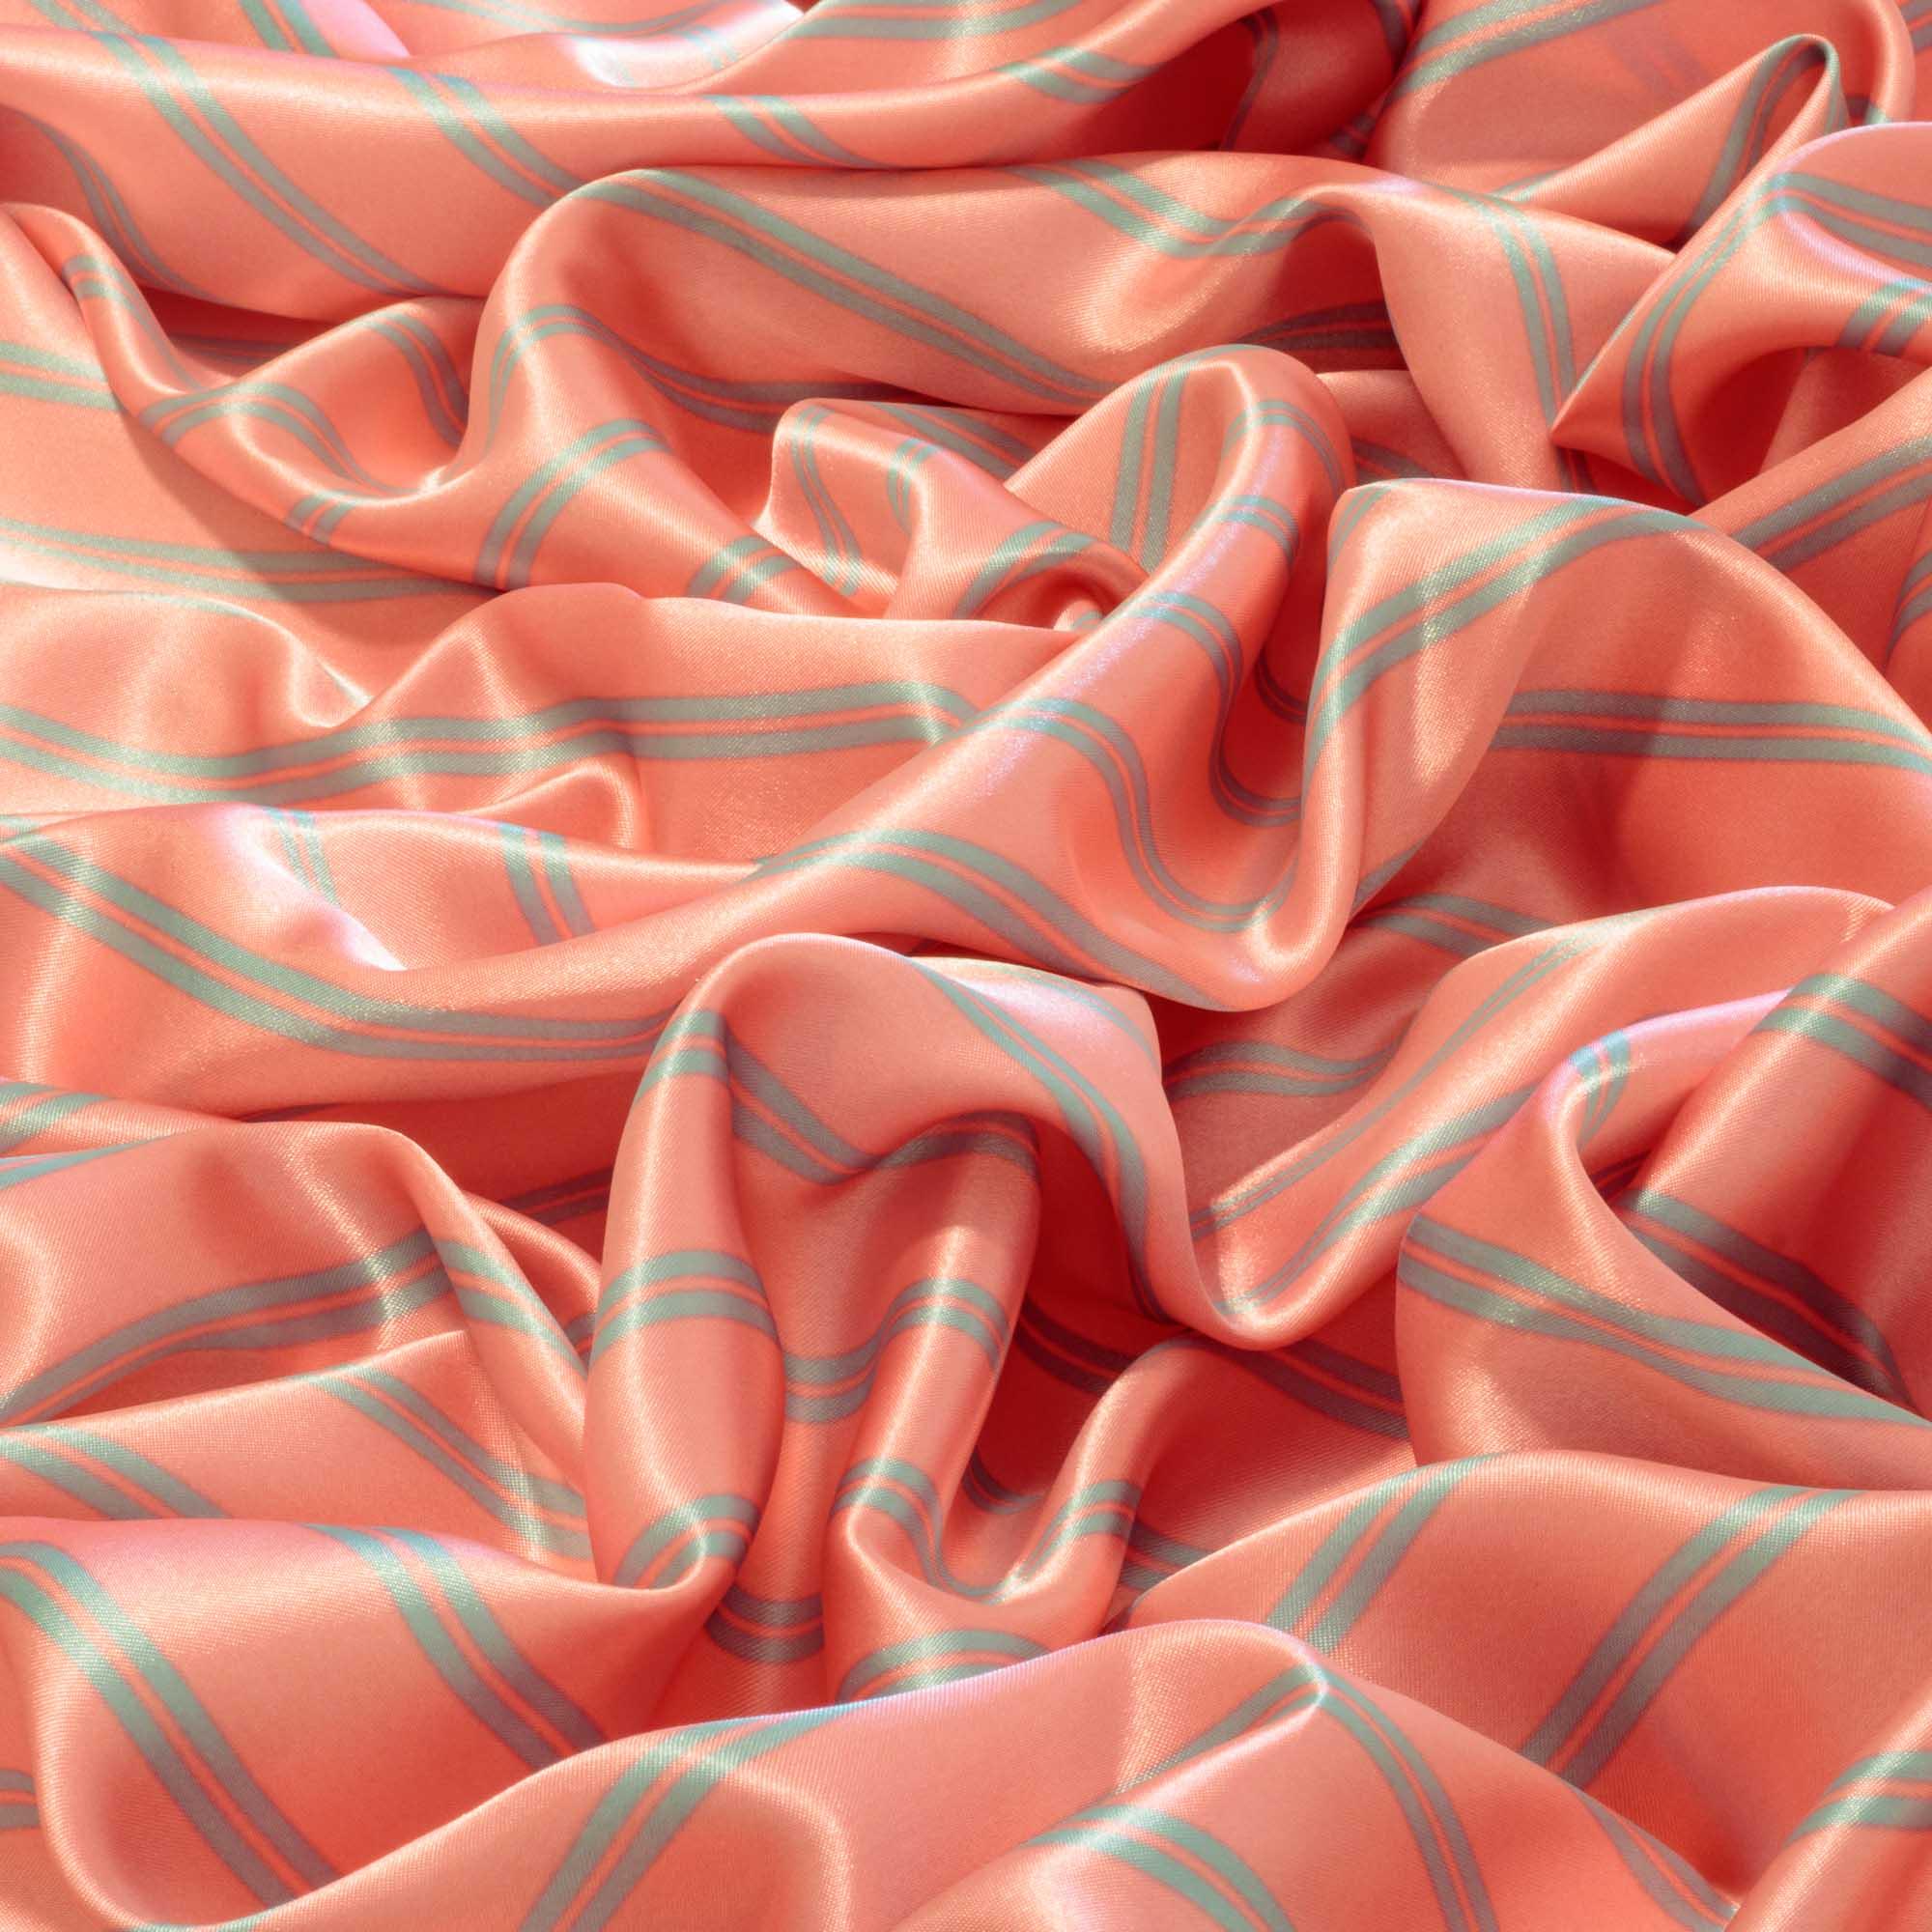 Tecido Cetim Listrado Fundo Rosa 100% Poliester 1,40 m Largura